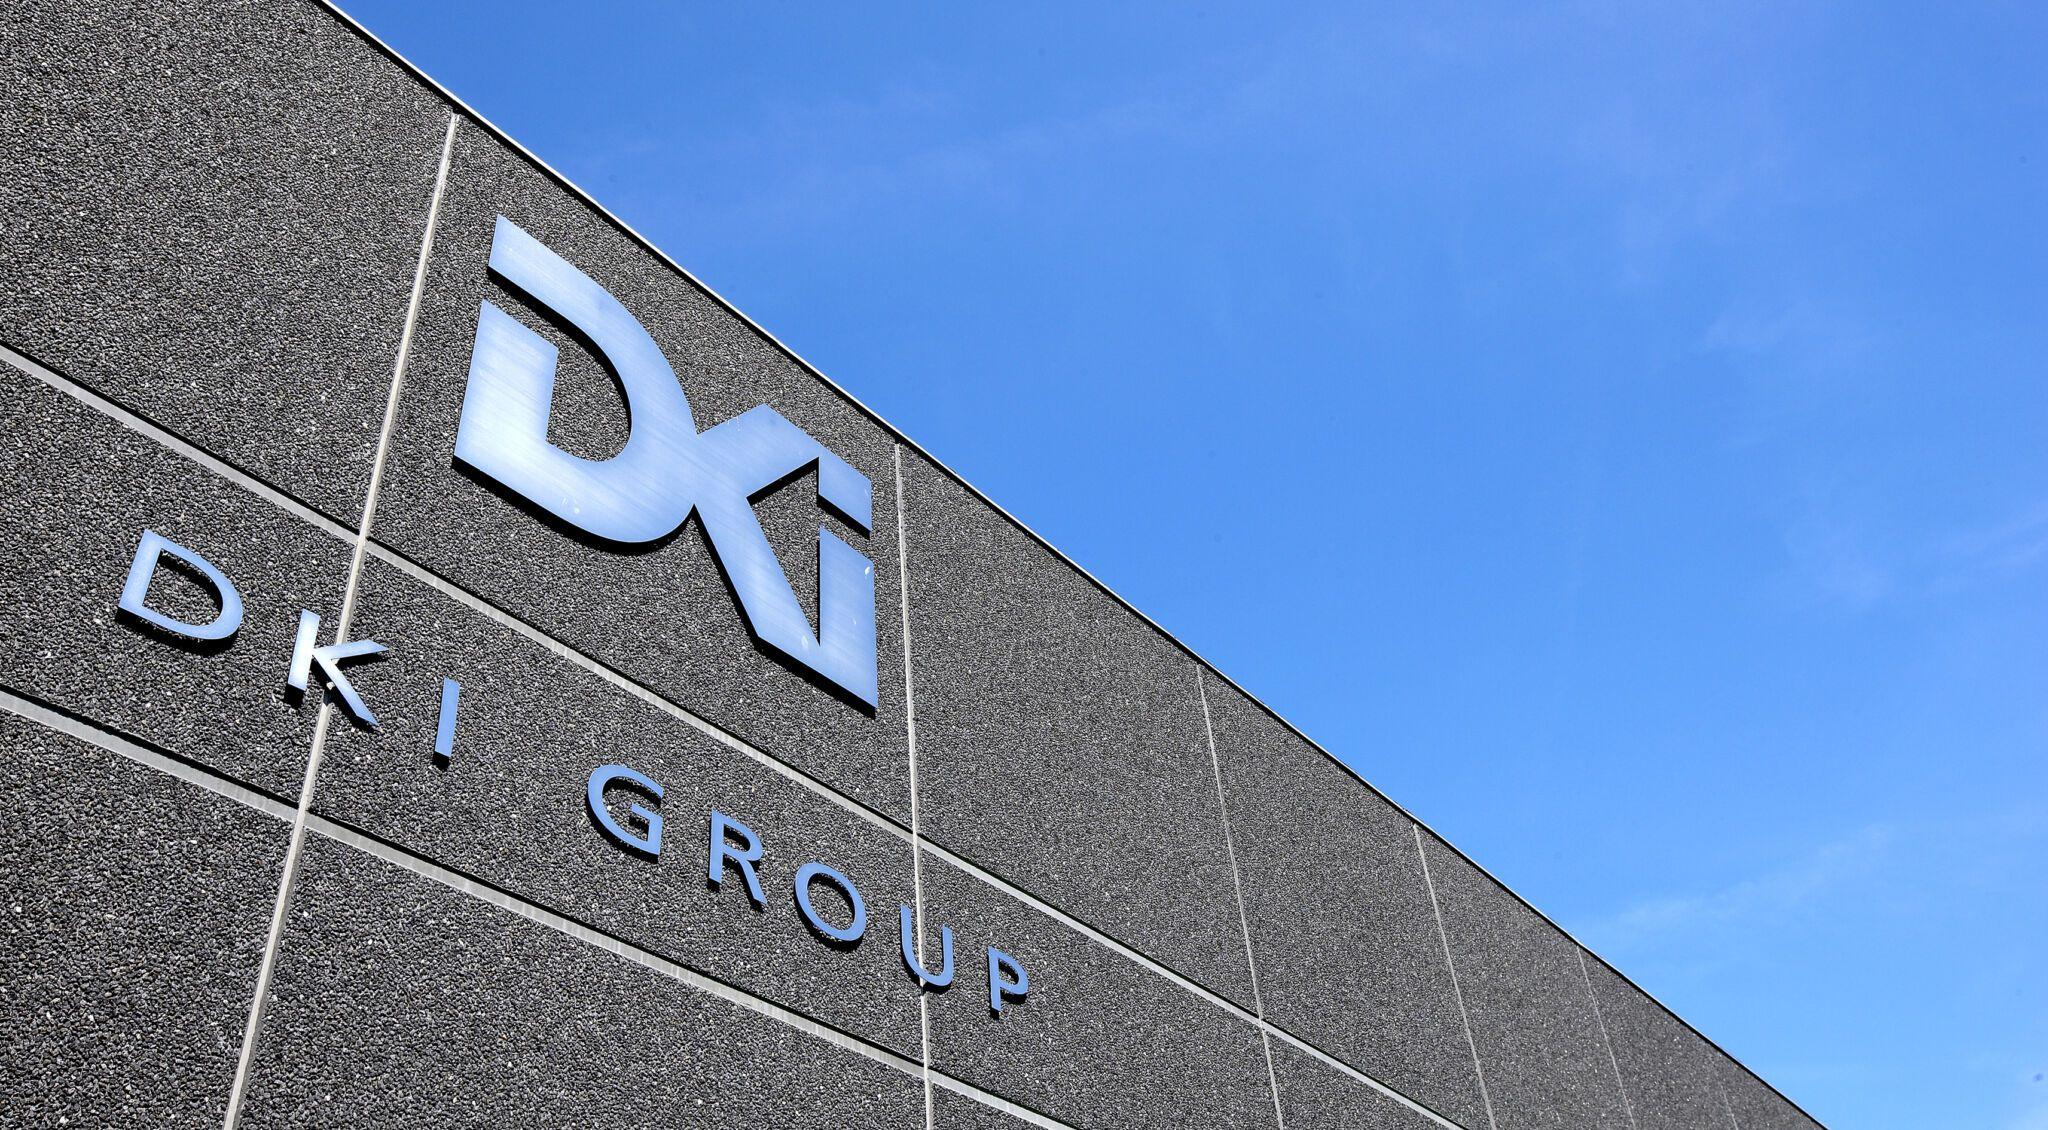 DKI Group